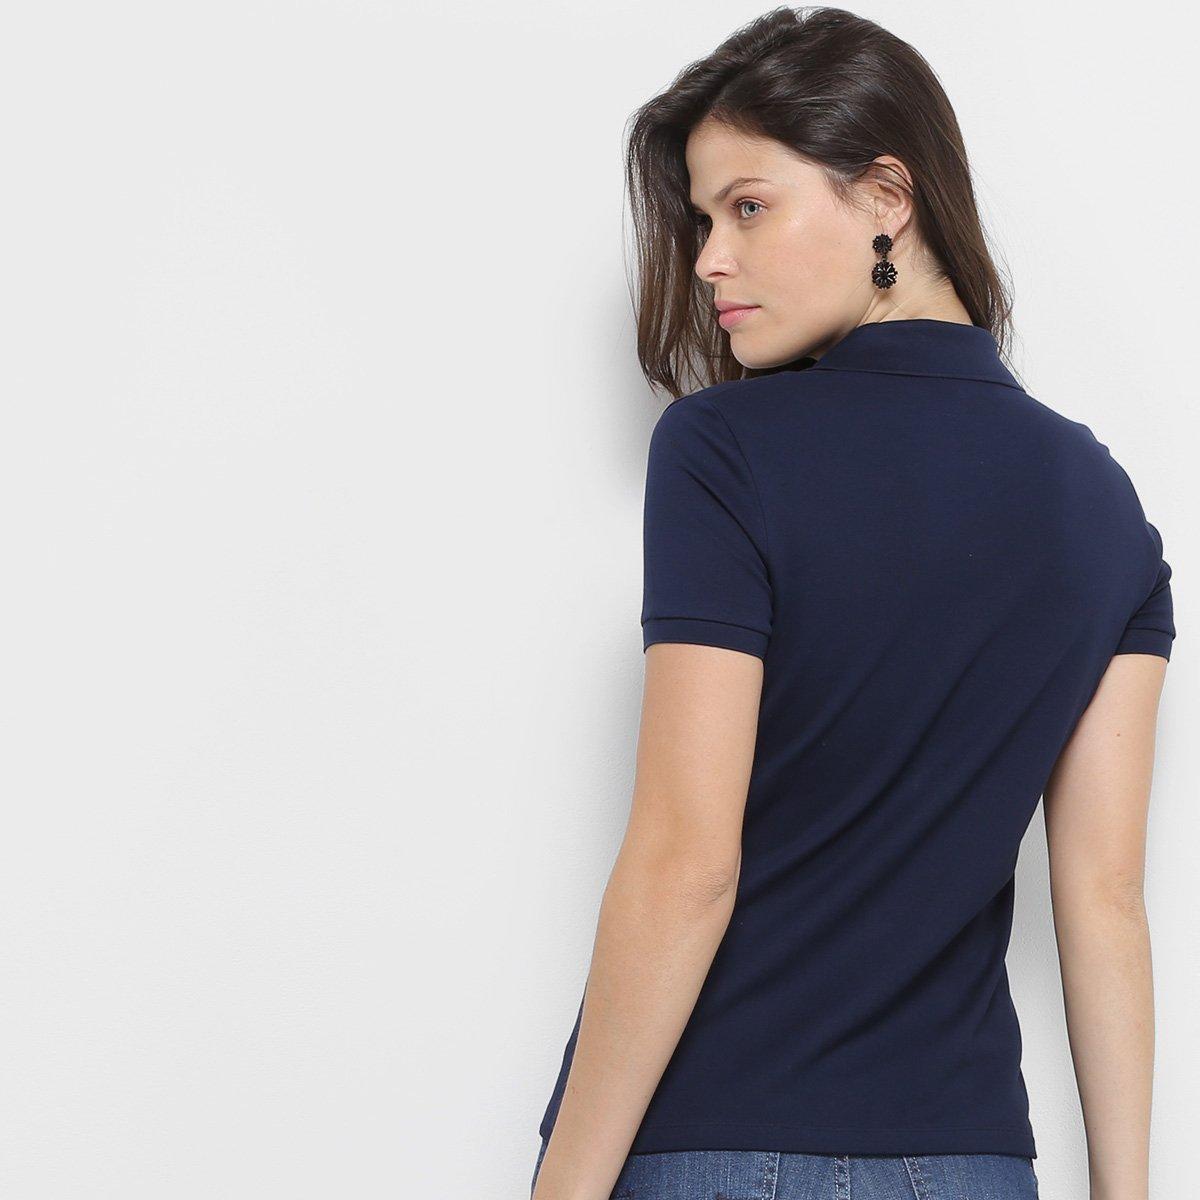 Camisa Polo Lacoste Piquet Manga Curta Feminina  f03cfc174c63e